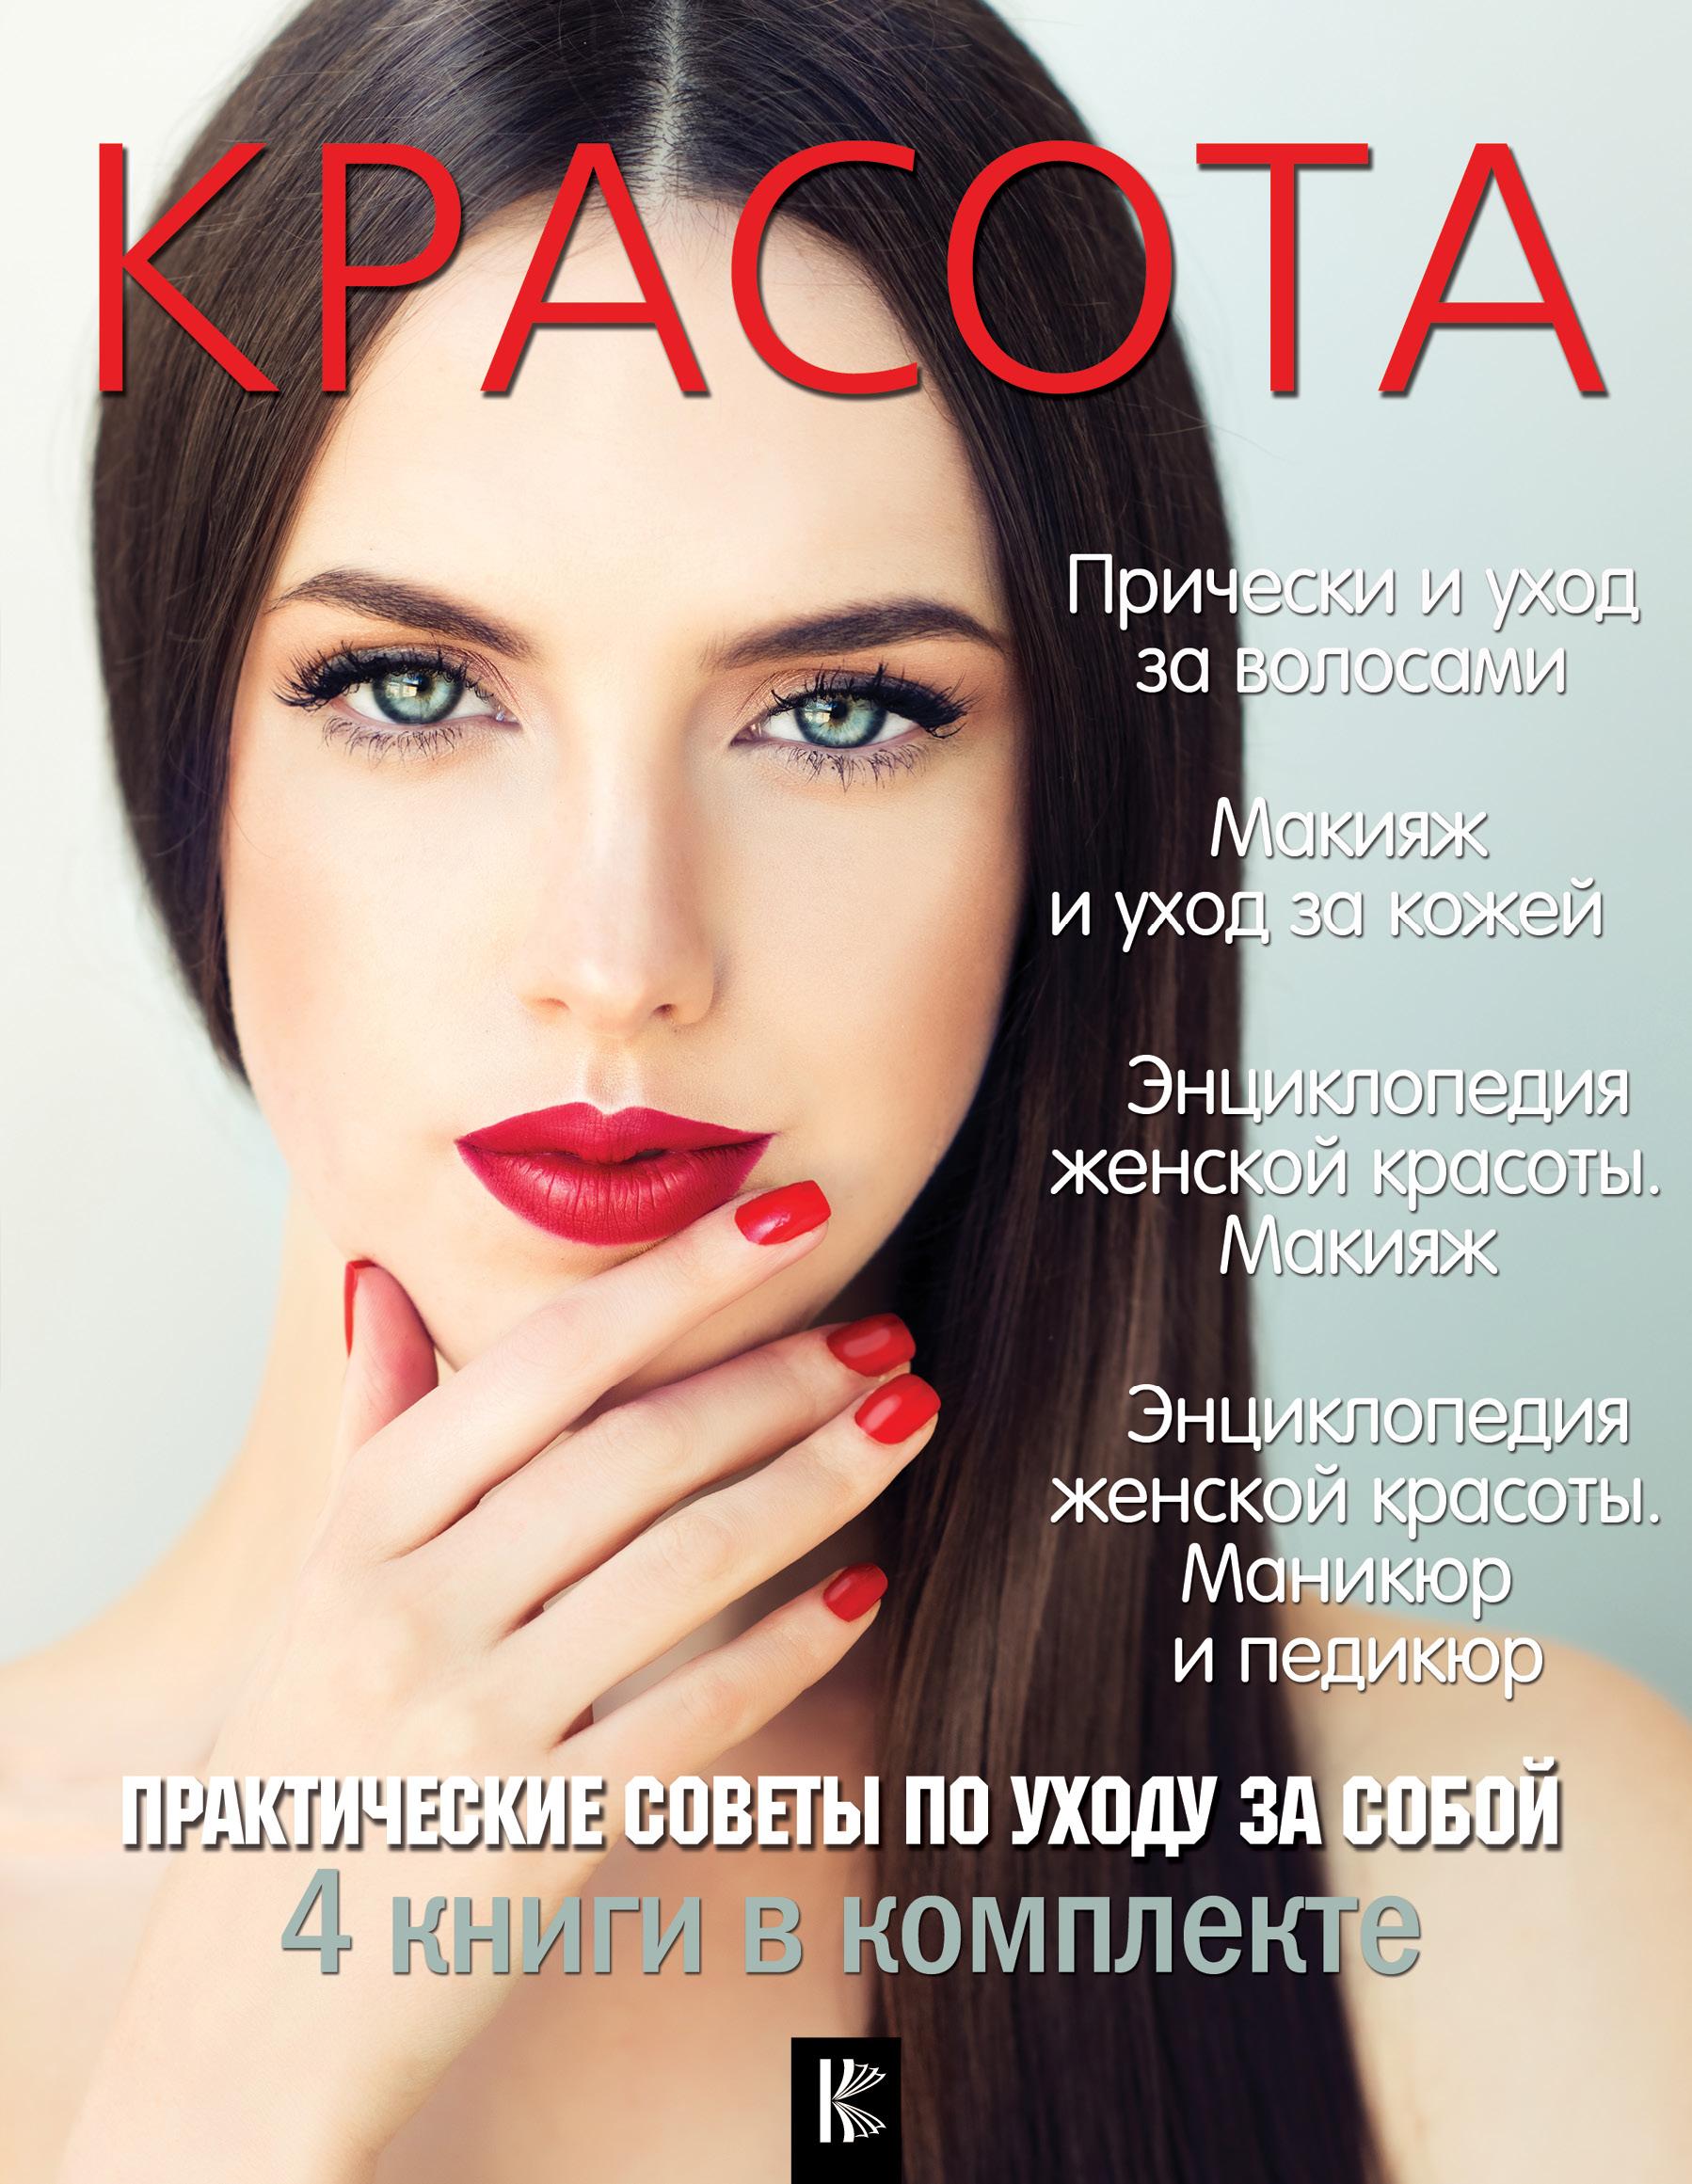 . Красота. Практические советы по уходу за собой энциклопедия женской красоты макияж